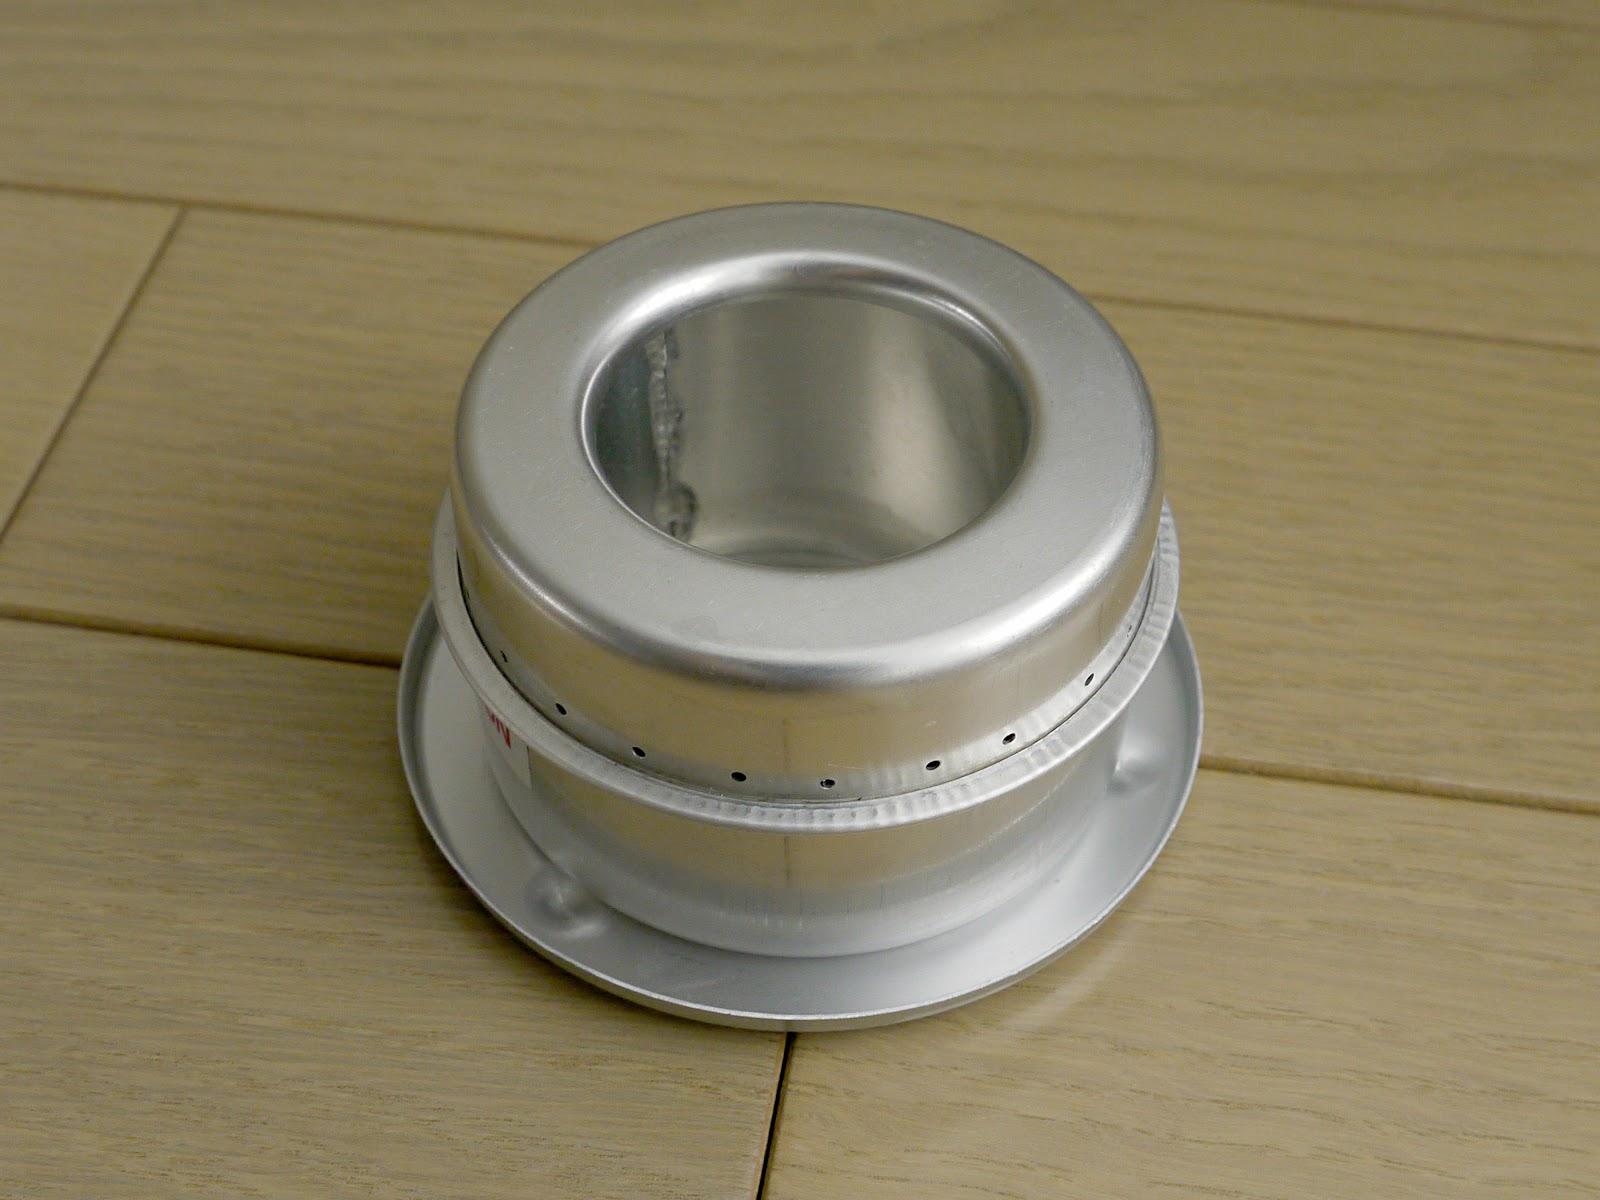 アルミ缶で自作のアルコールストーブを作成す …